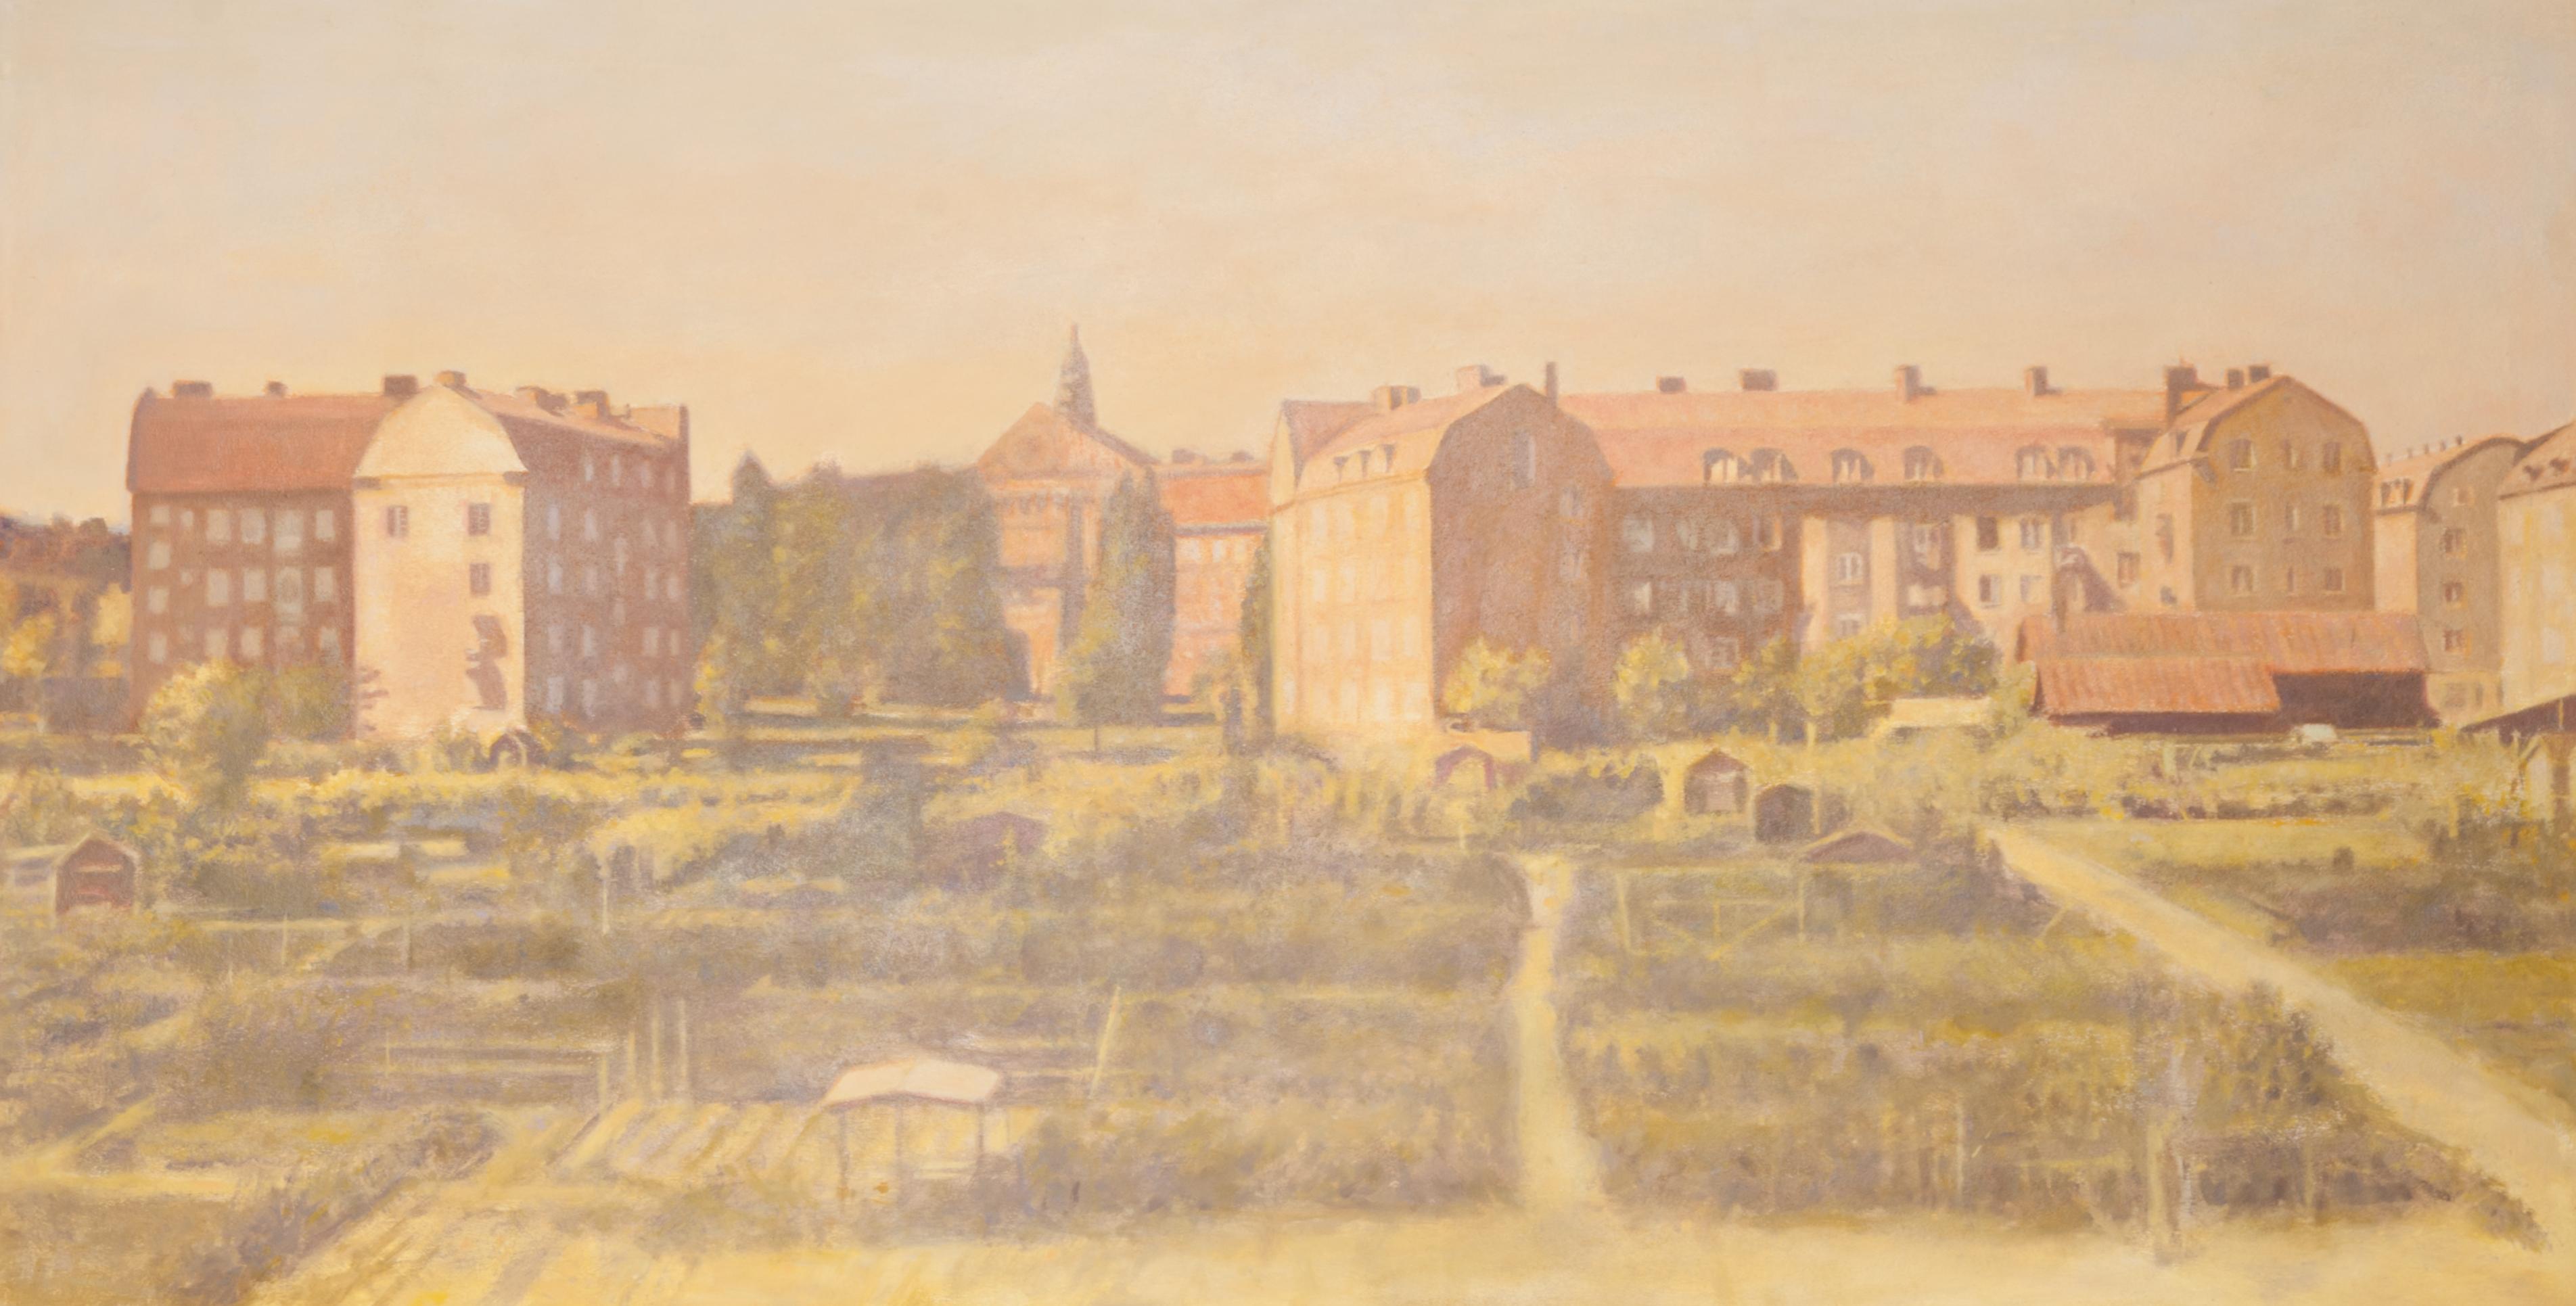 Claes-Åke Schlönzig - Vasastadens koloniträdgårdar (1910) - Klicka för att byta till perspektivbild.